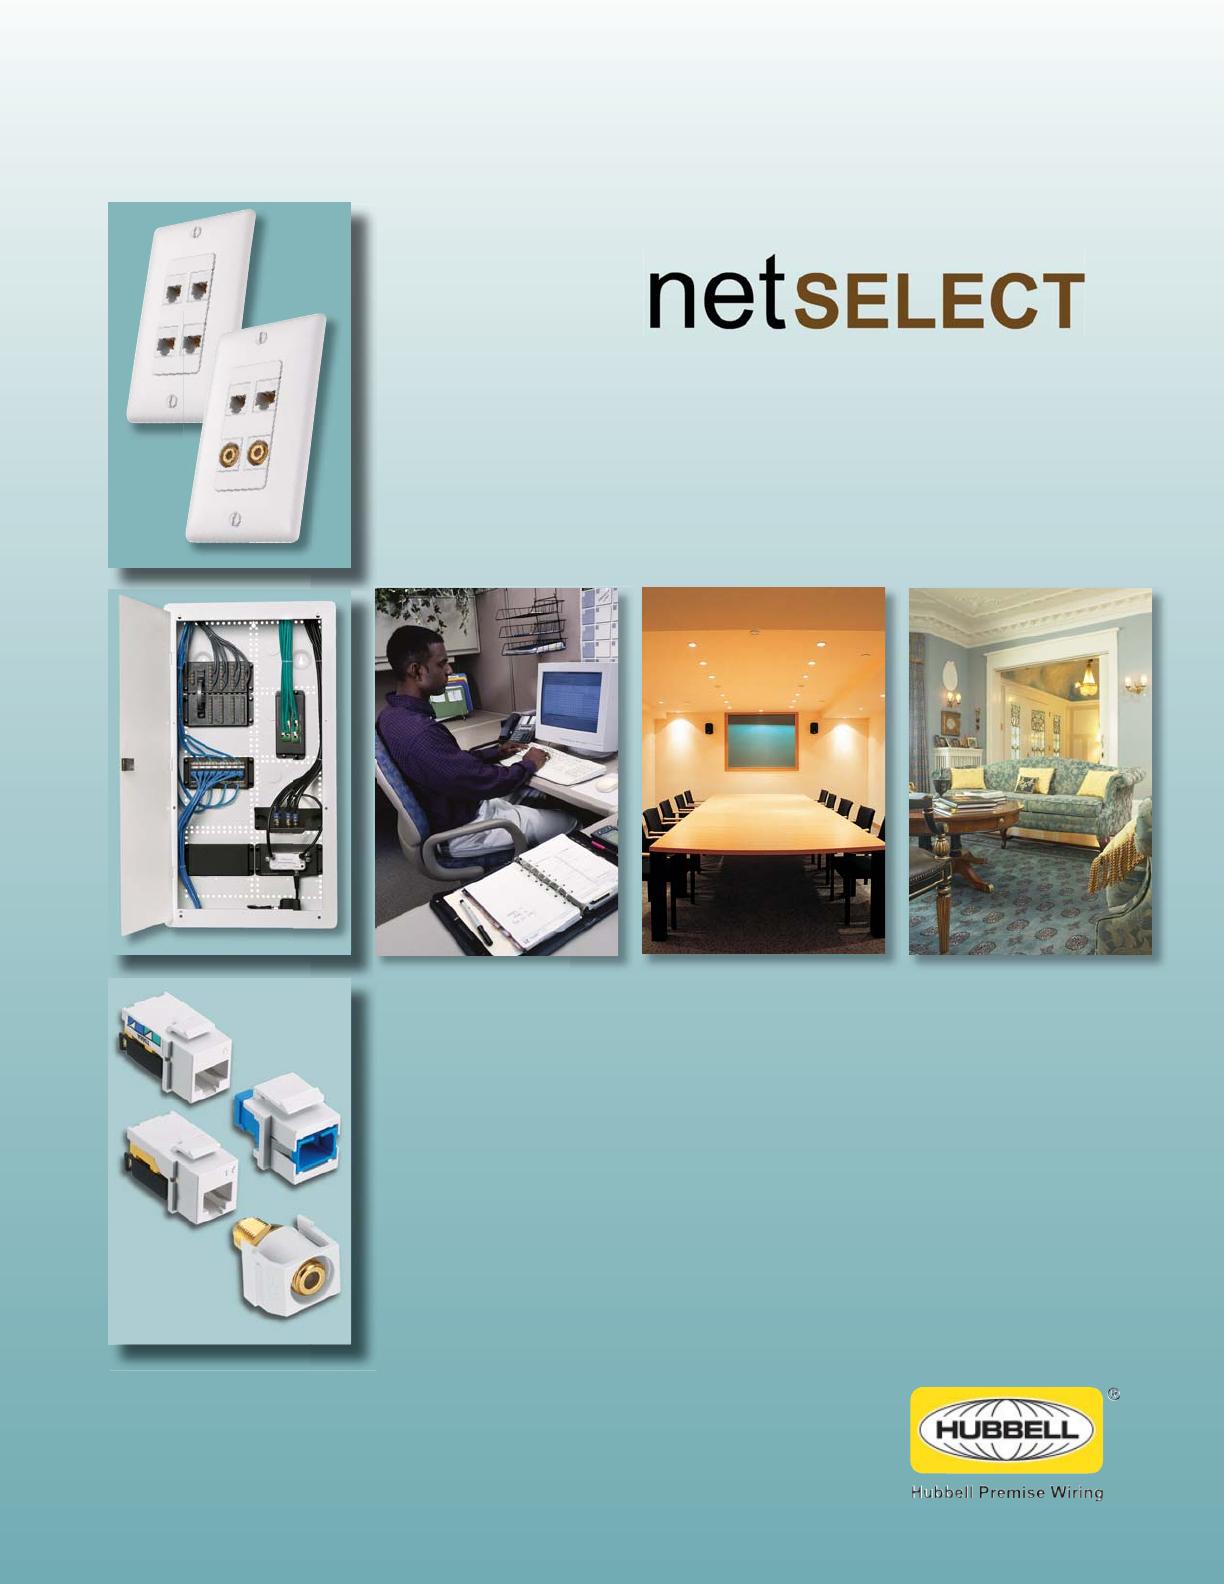 NetSELECT Communications Products